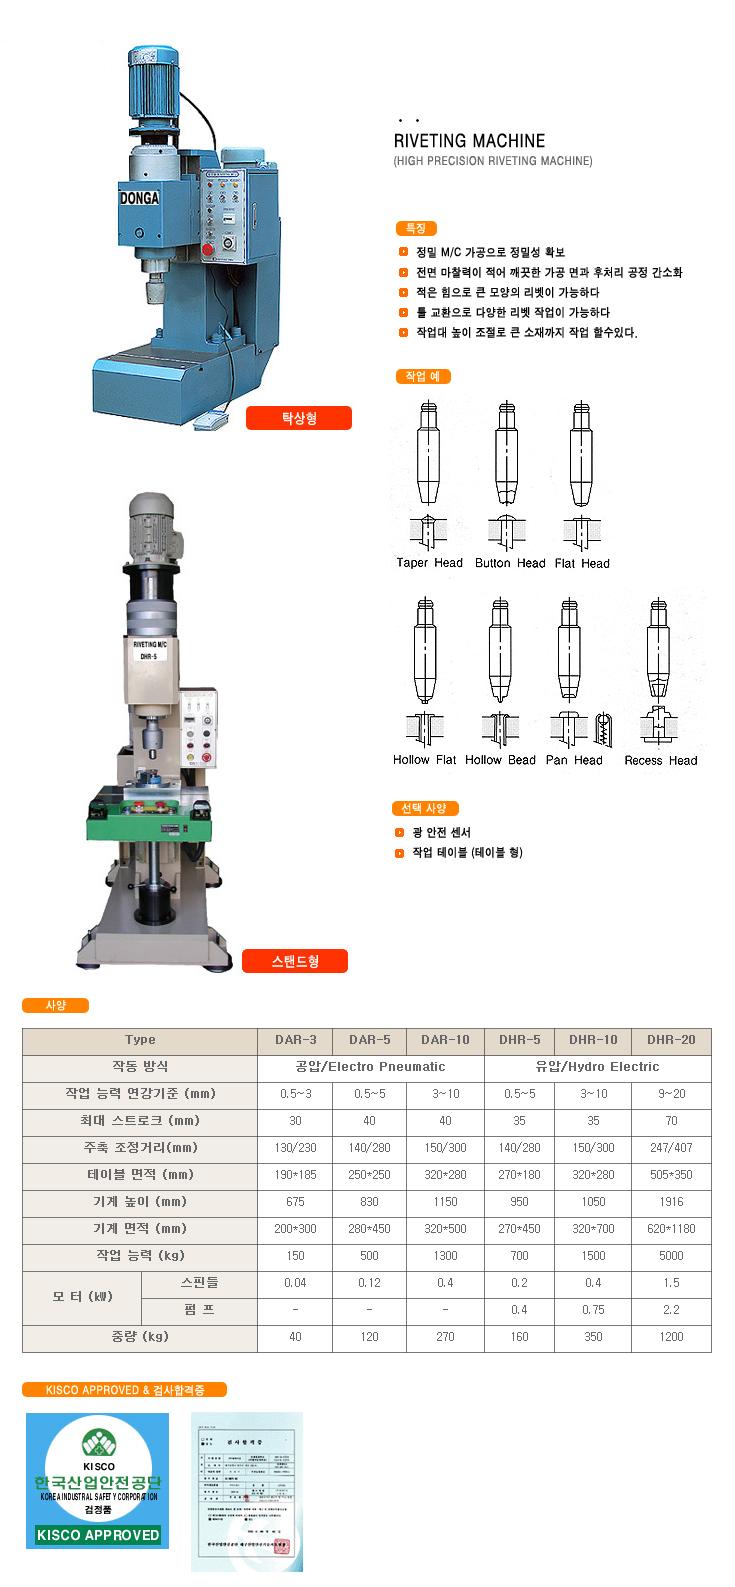 동아엔지니어링 Riveting Machine DAR Series